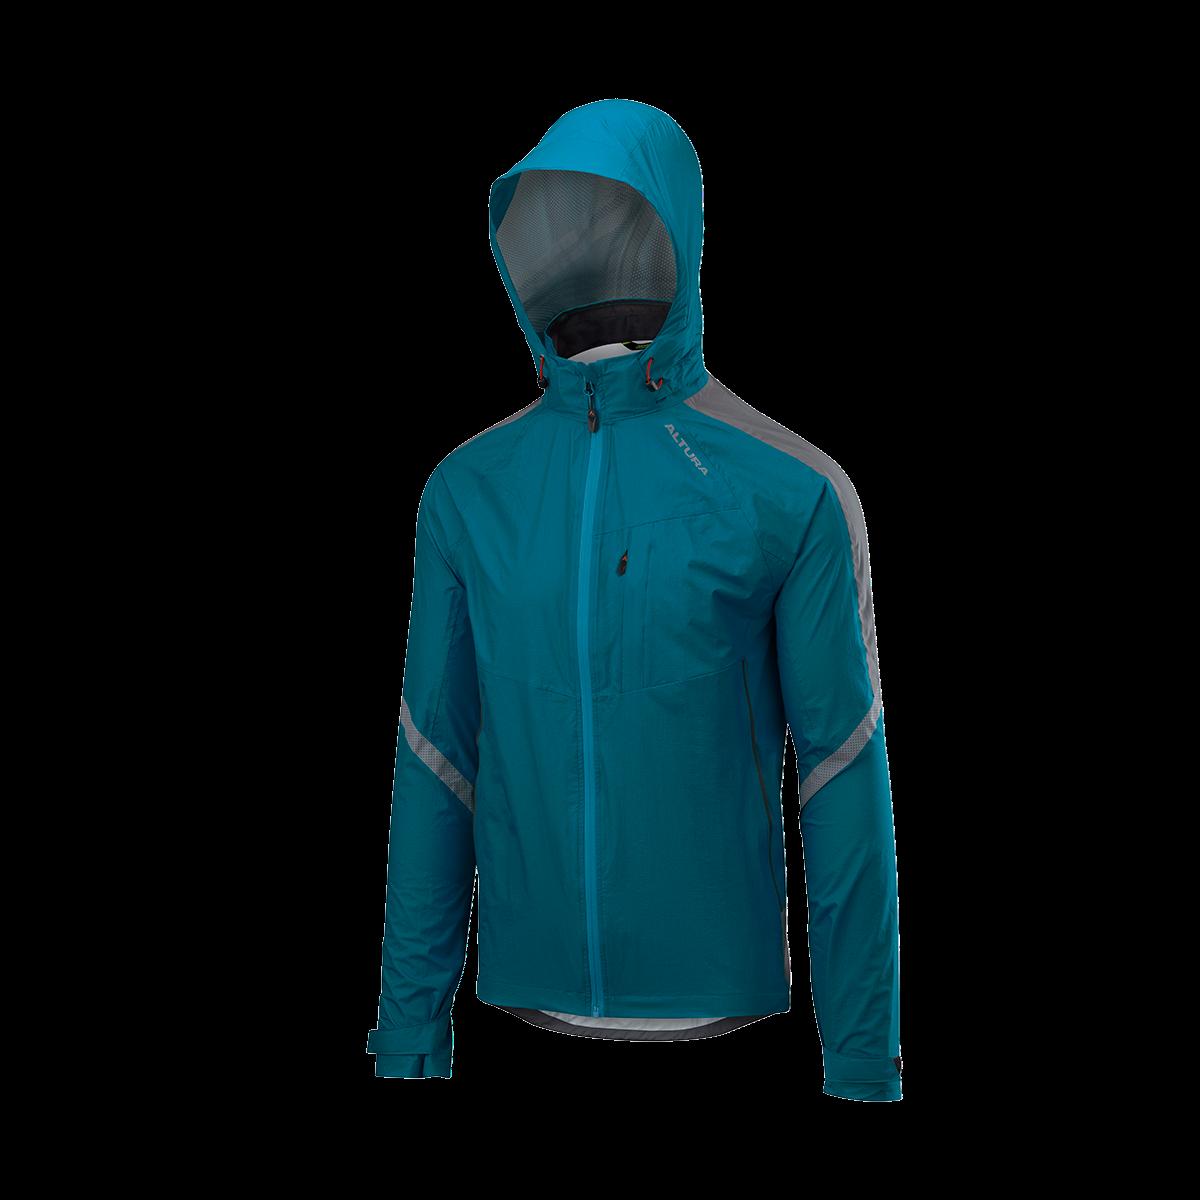 Nightvision Cyclone Waterproof Jacket